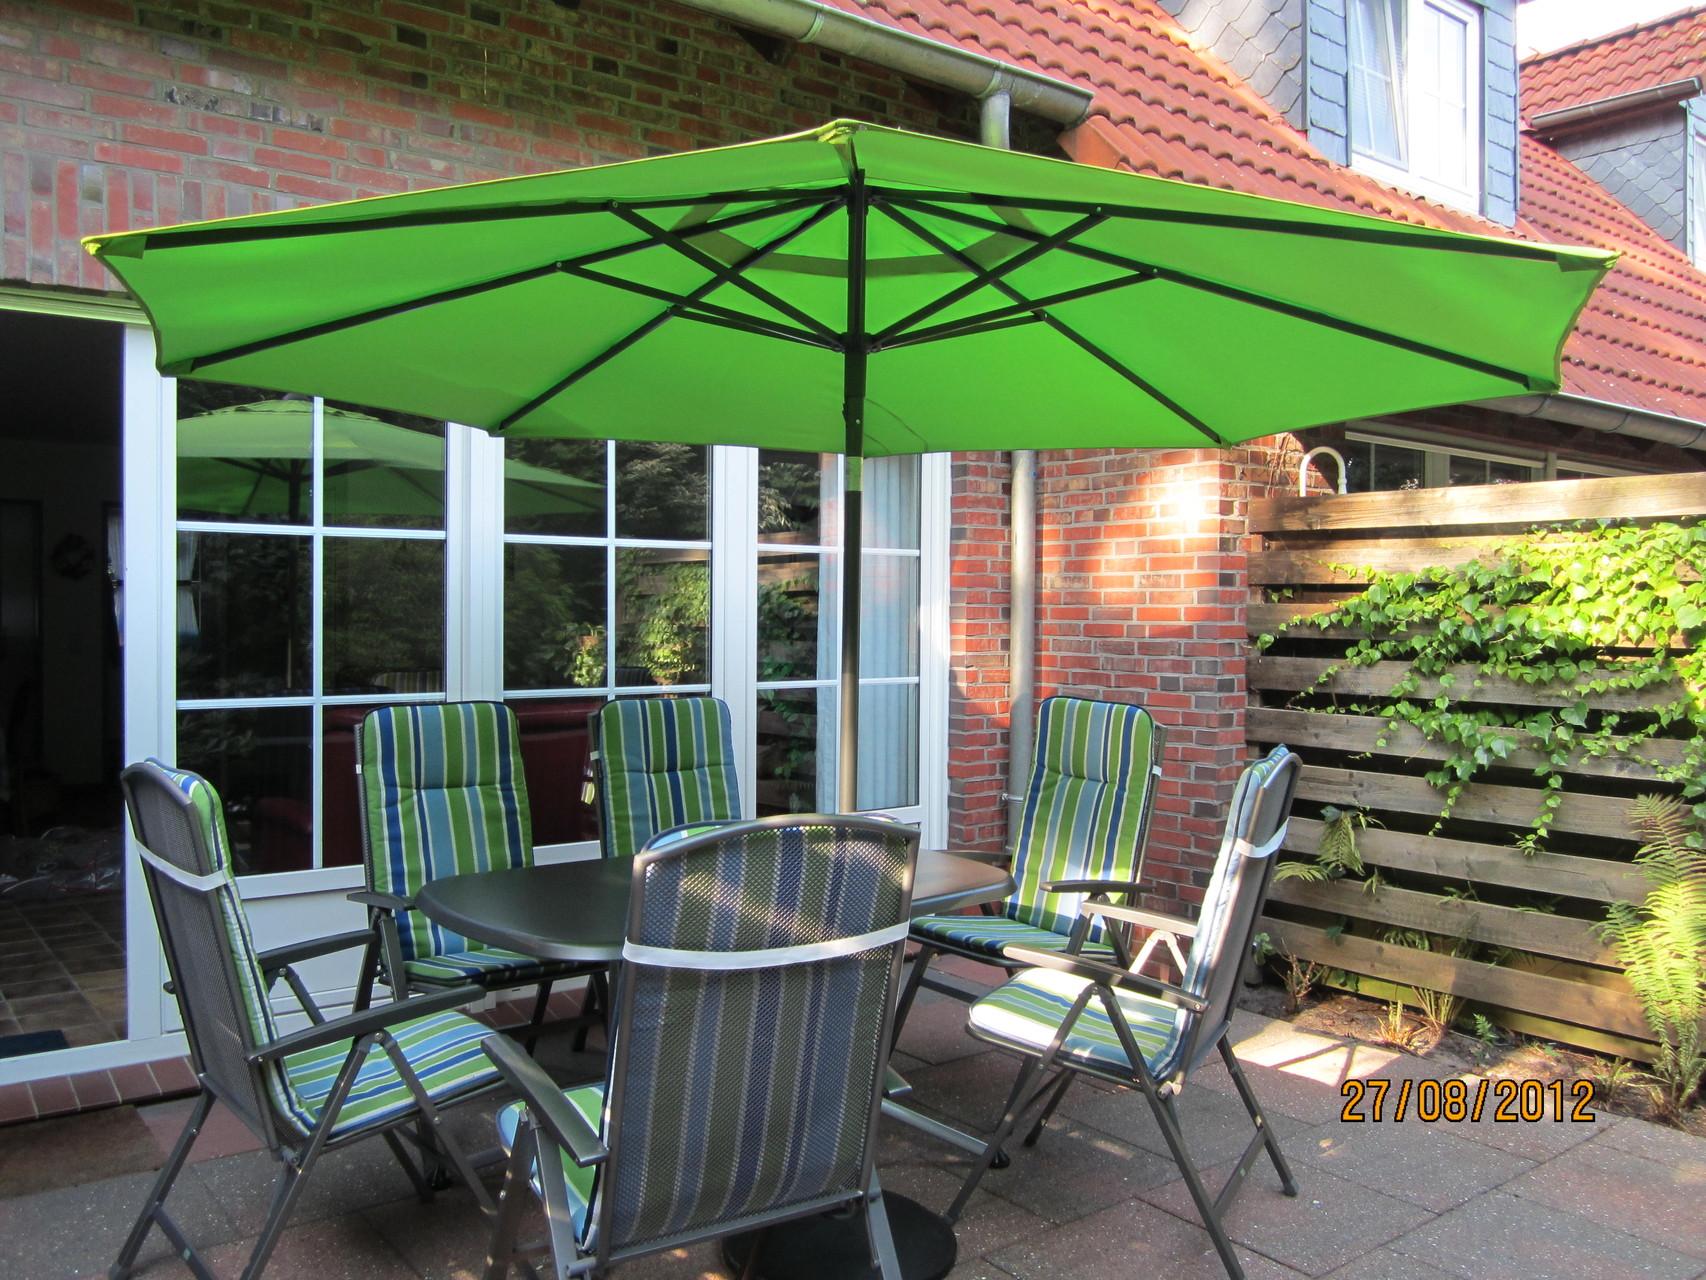 Terrasse mit Gartenmöbel und Sonnenschirm